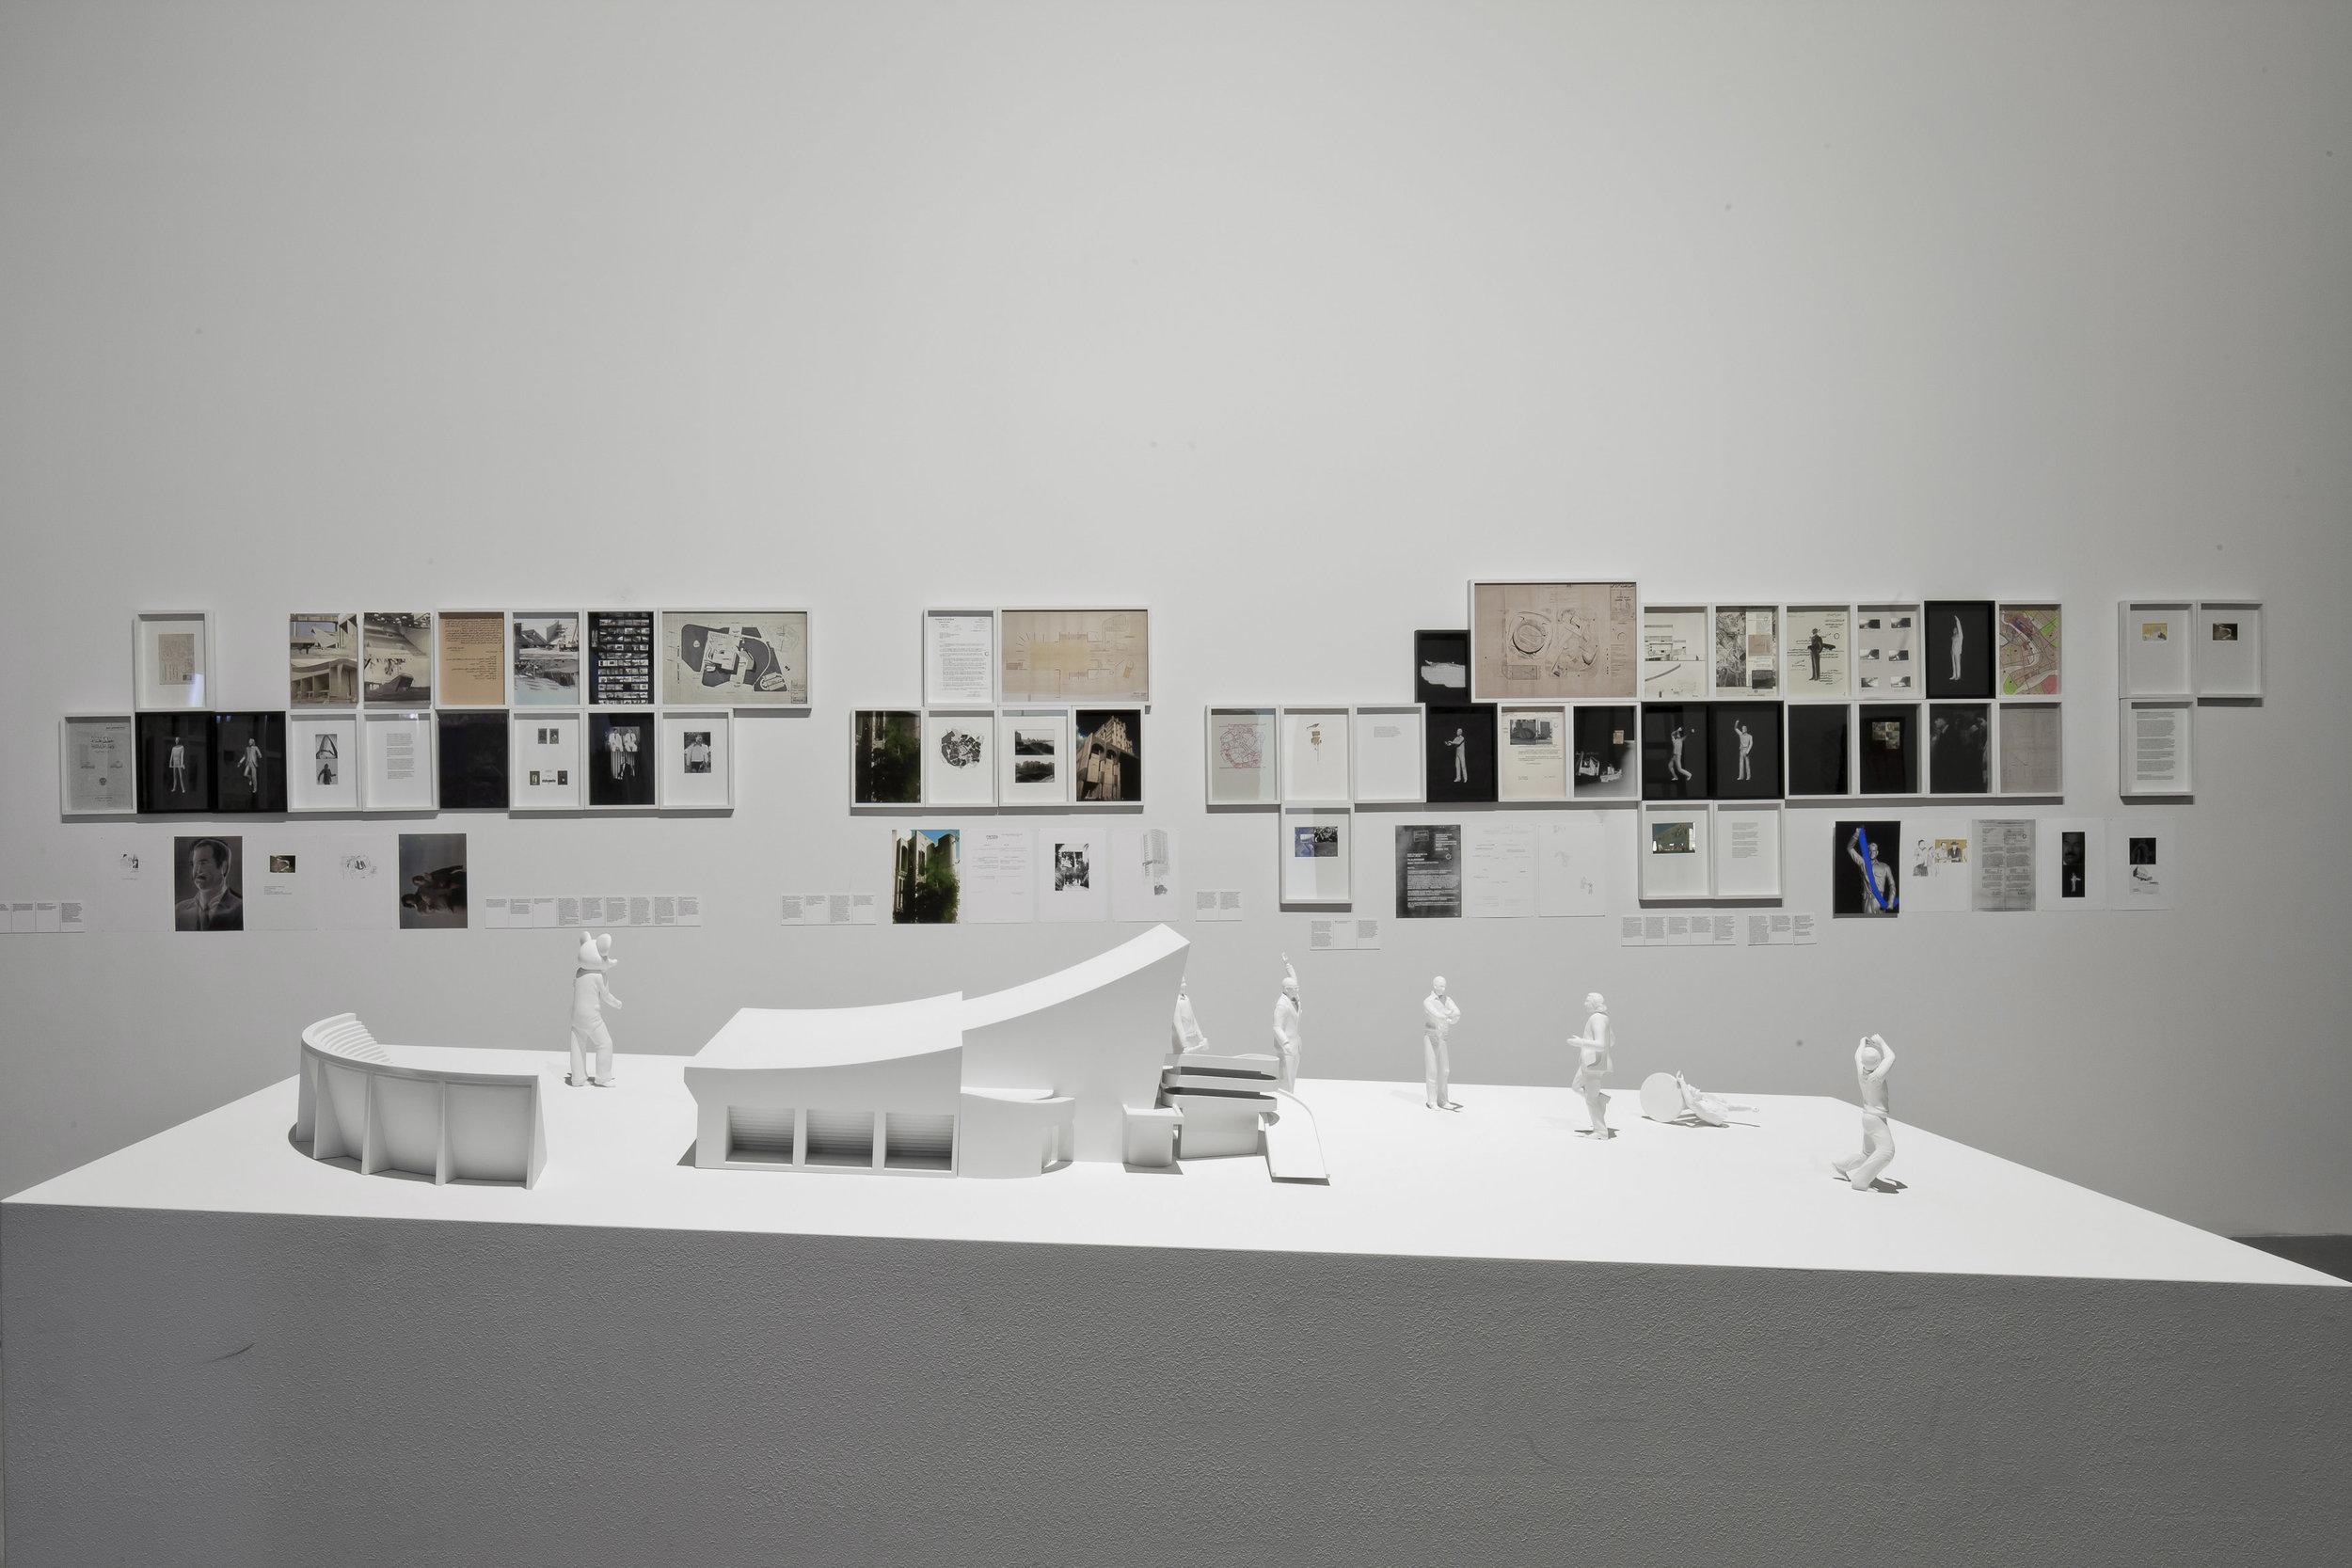 Ala Younis, Plan for Greater Baghdad (2015). Installation view, 56th Venice Biennale. Photo Alessandra Chemollo. Courtesy la Biennale di Venezia.